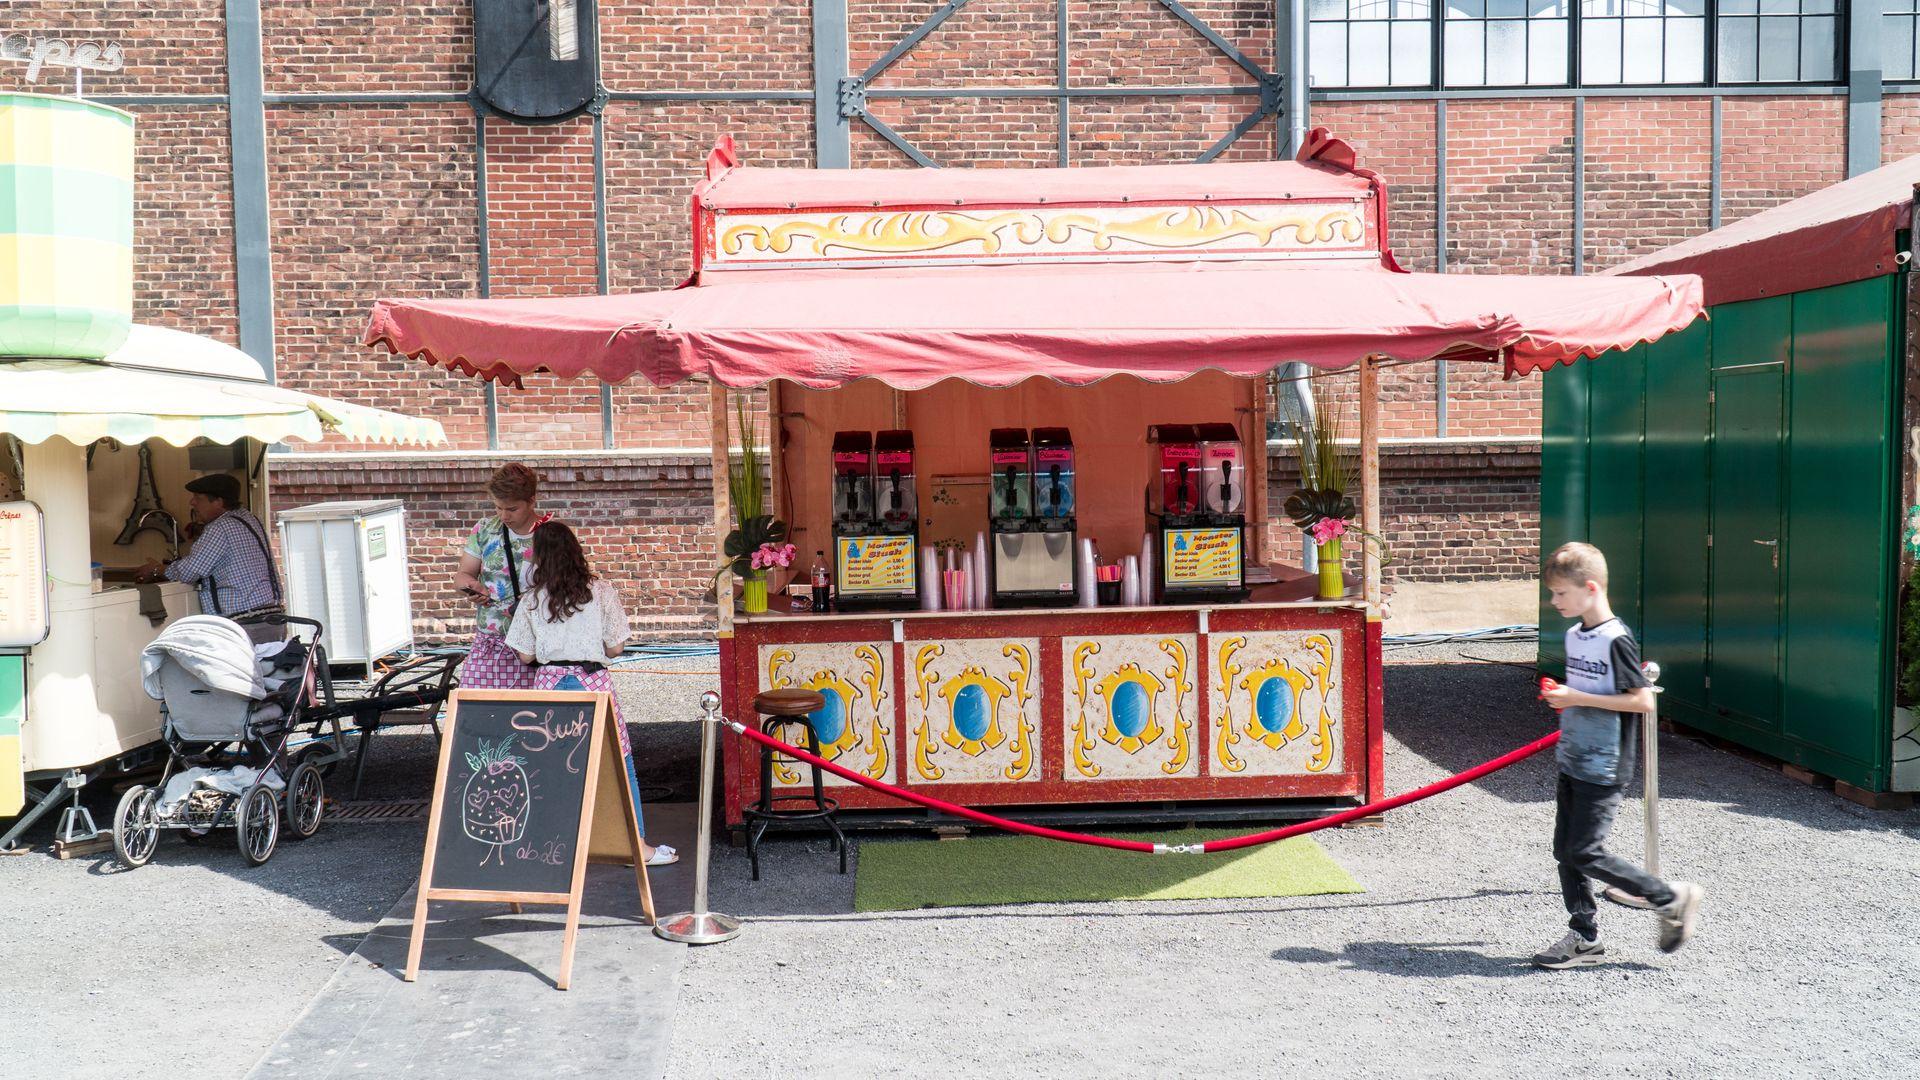 Schausteller-Gastronomie Eis